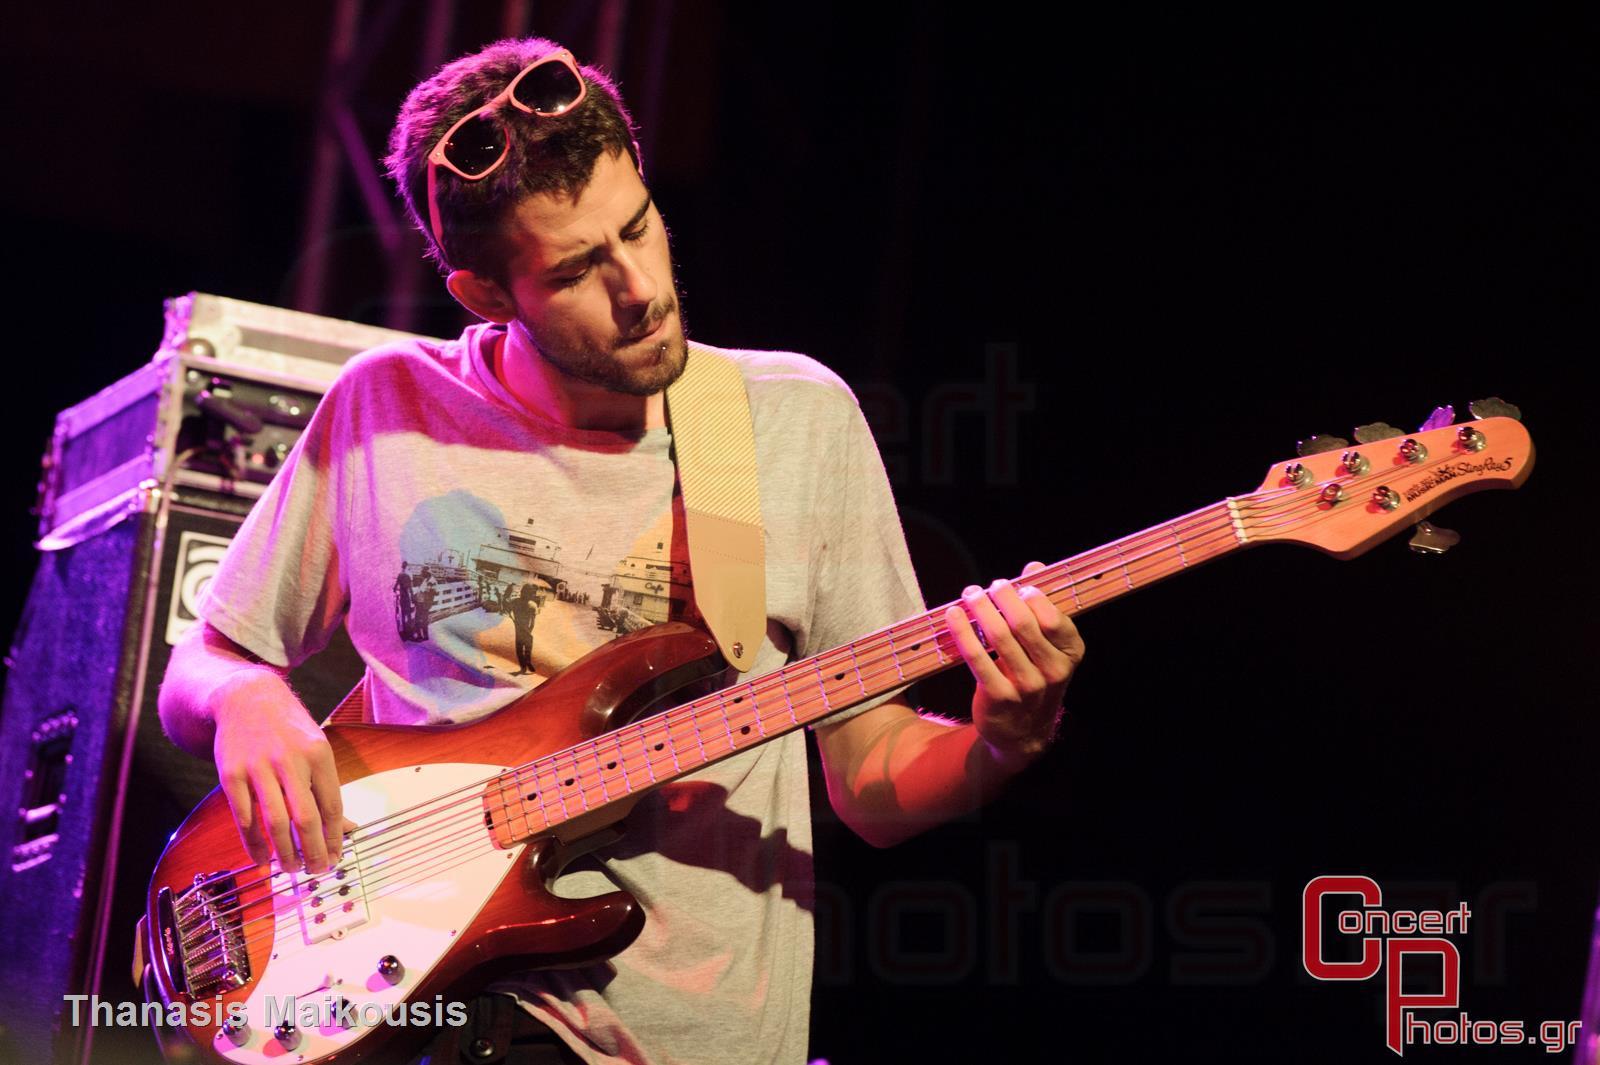 Locomondo-Locomondo 2013 Bolivar photographer: Thanasis Maikousis - concertphotos_-6068